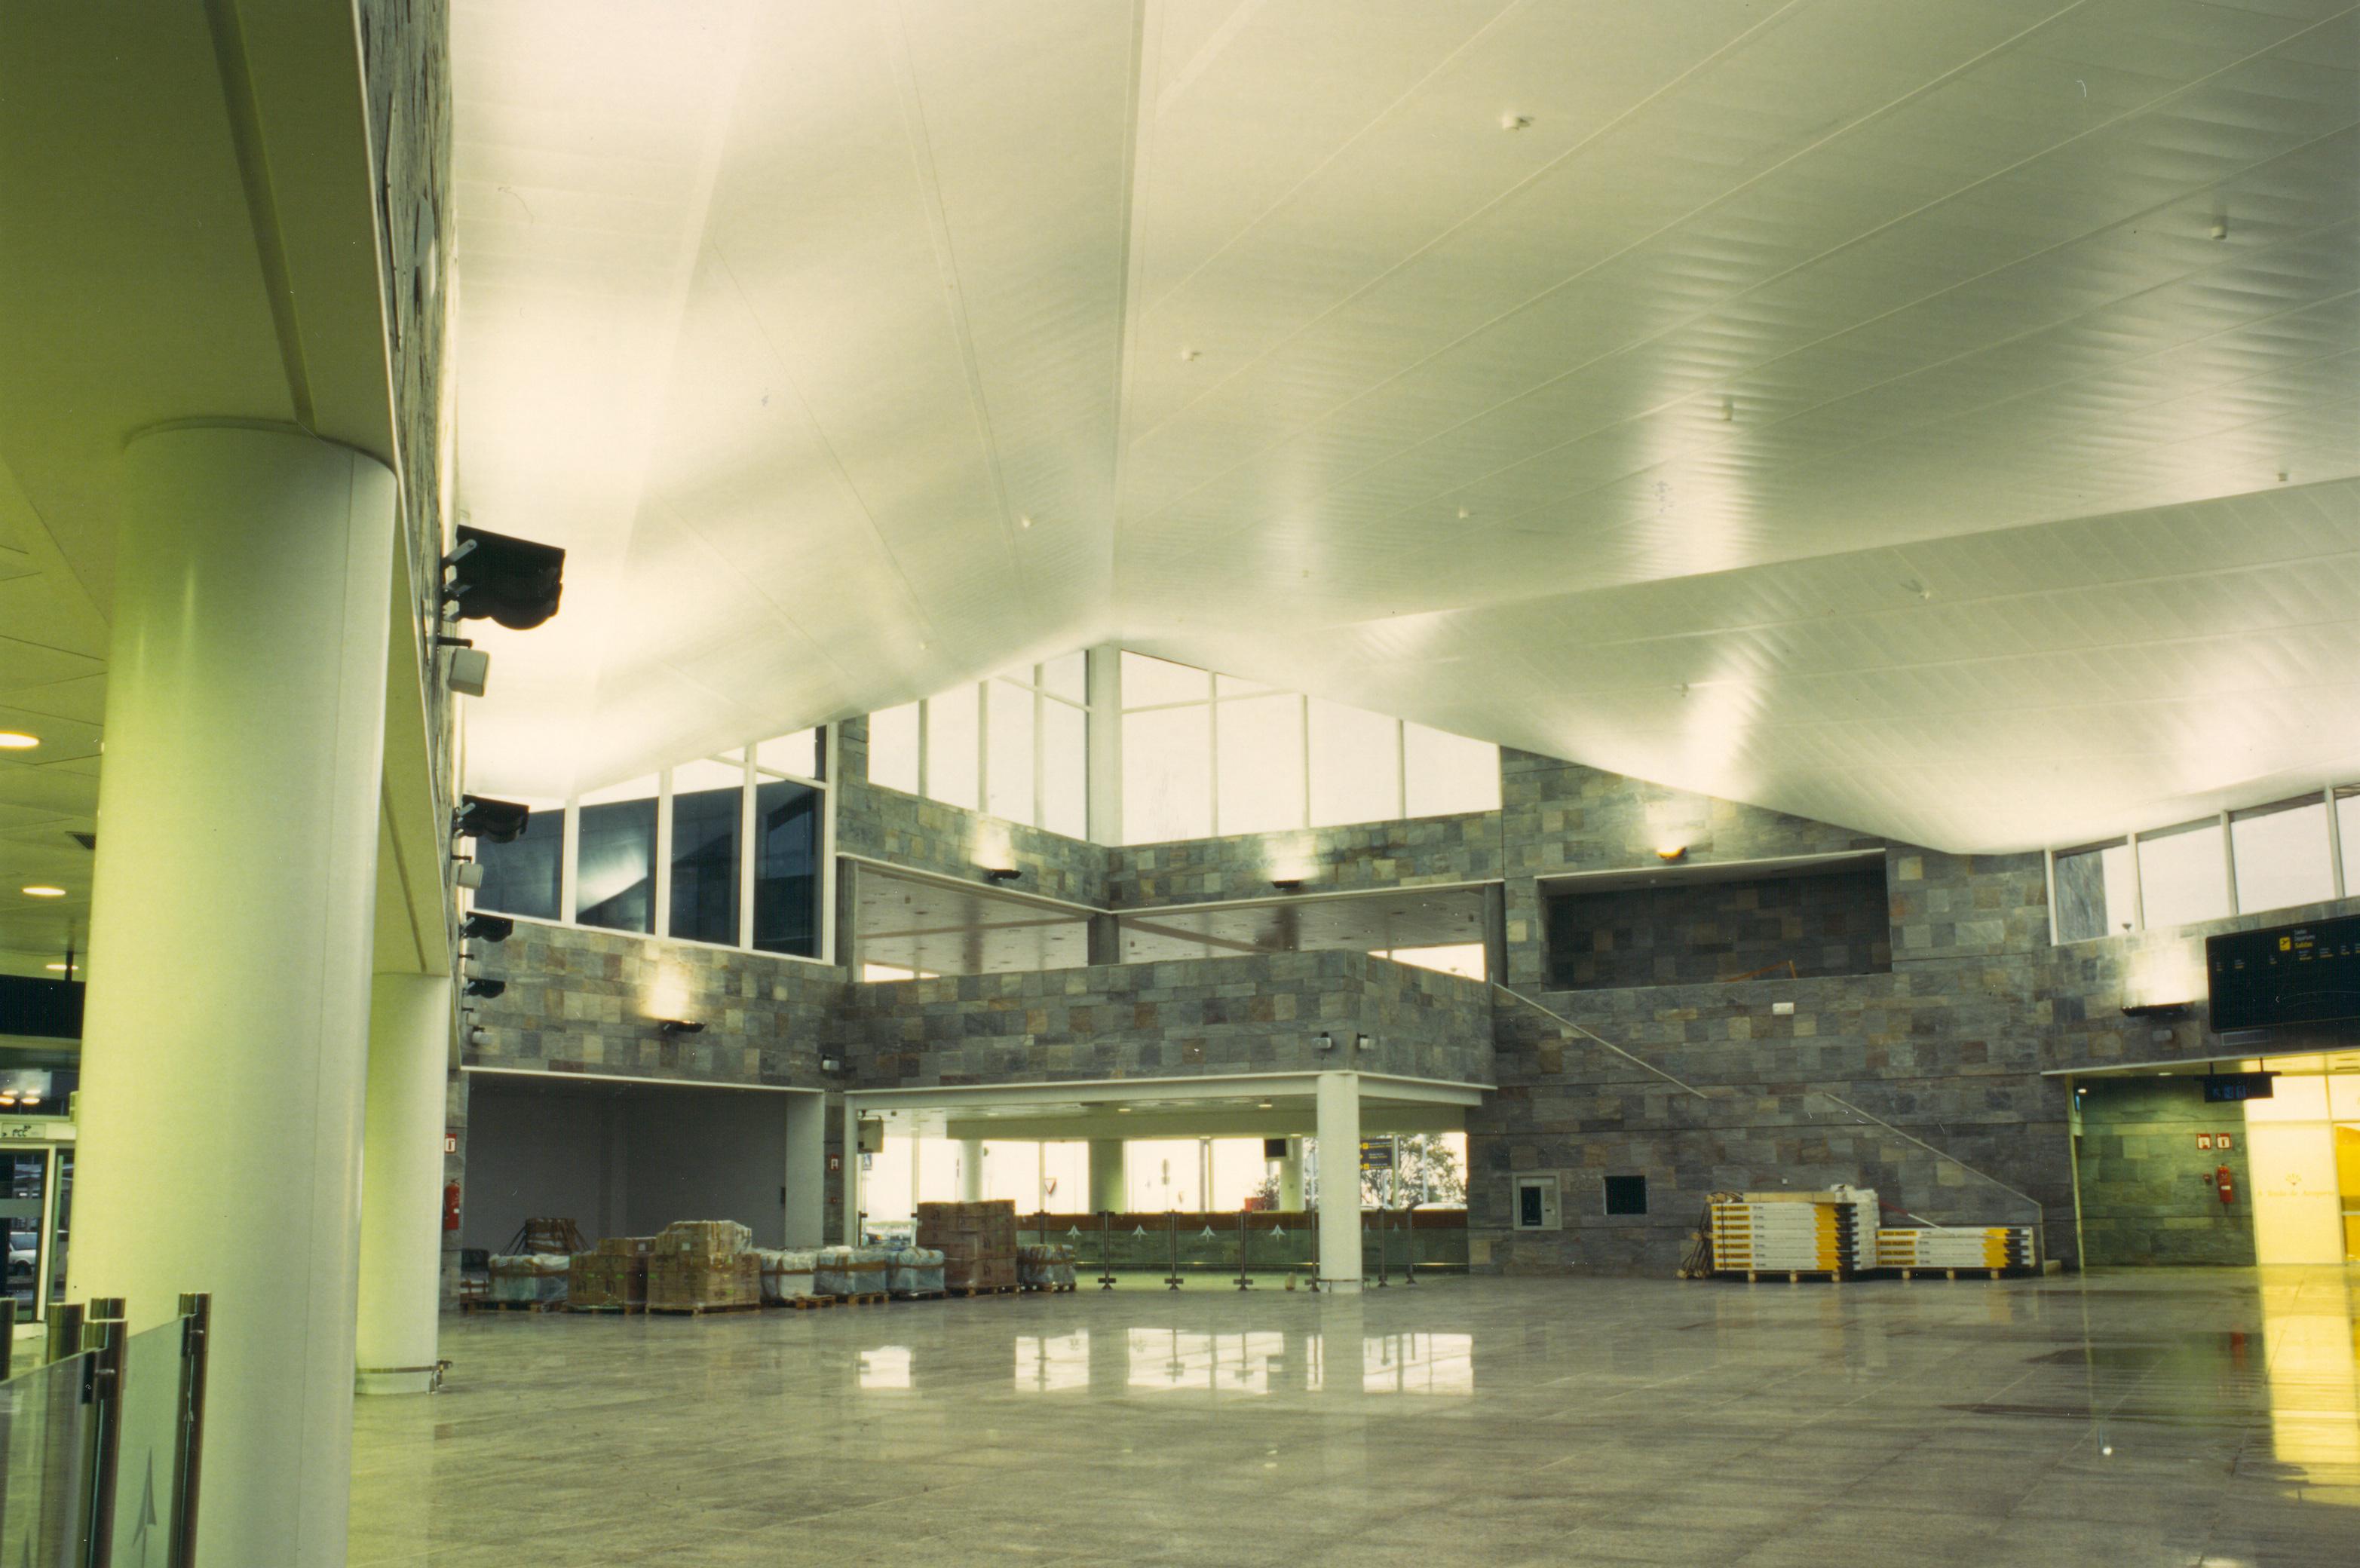 interiores aeropuerto la Coruña